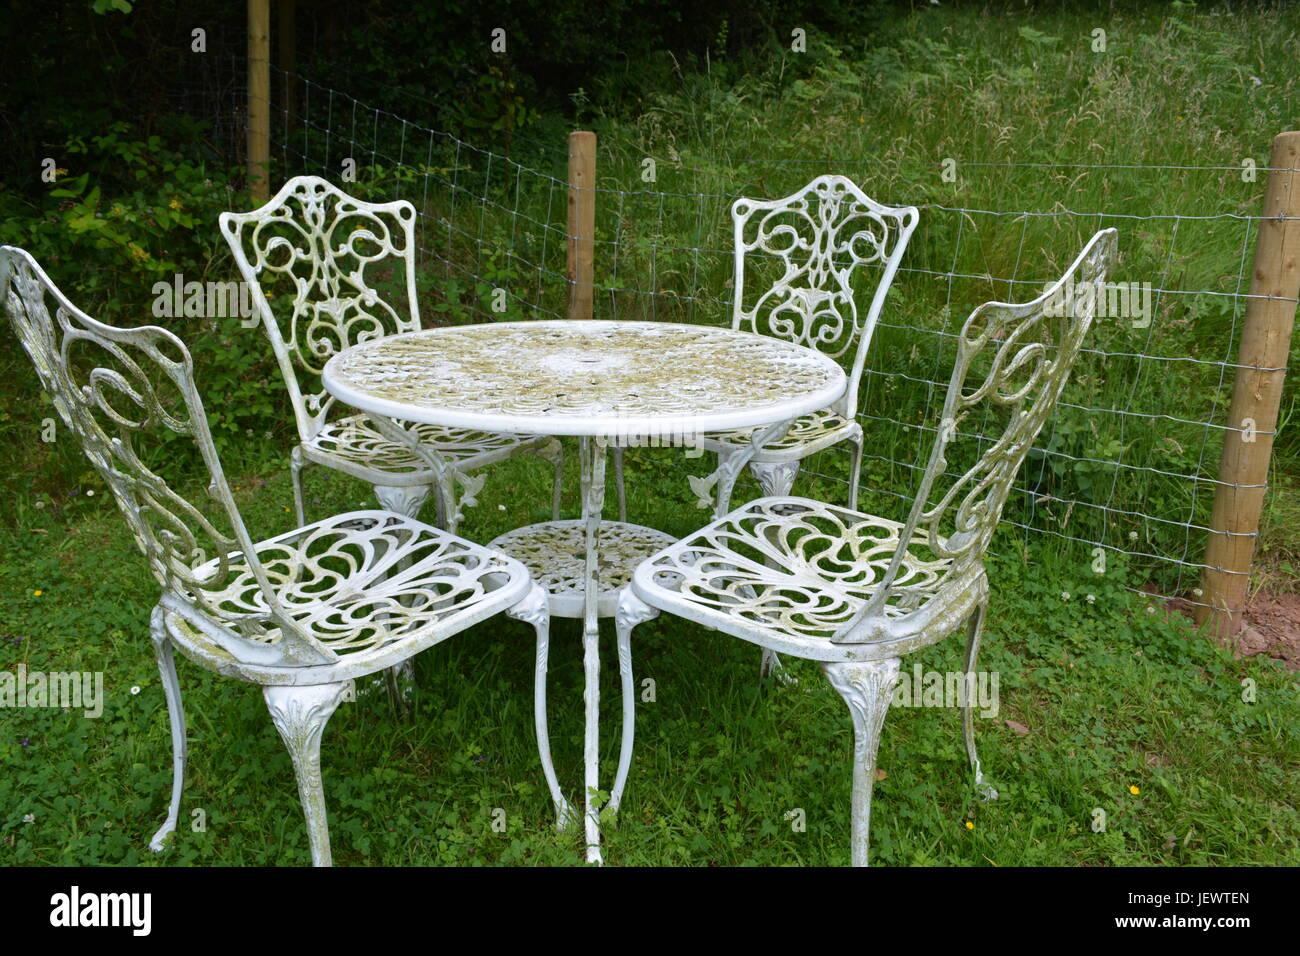 Ornate Garden Furniture Stockfotos & Ornate Garden Furniture Bilder ...